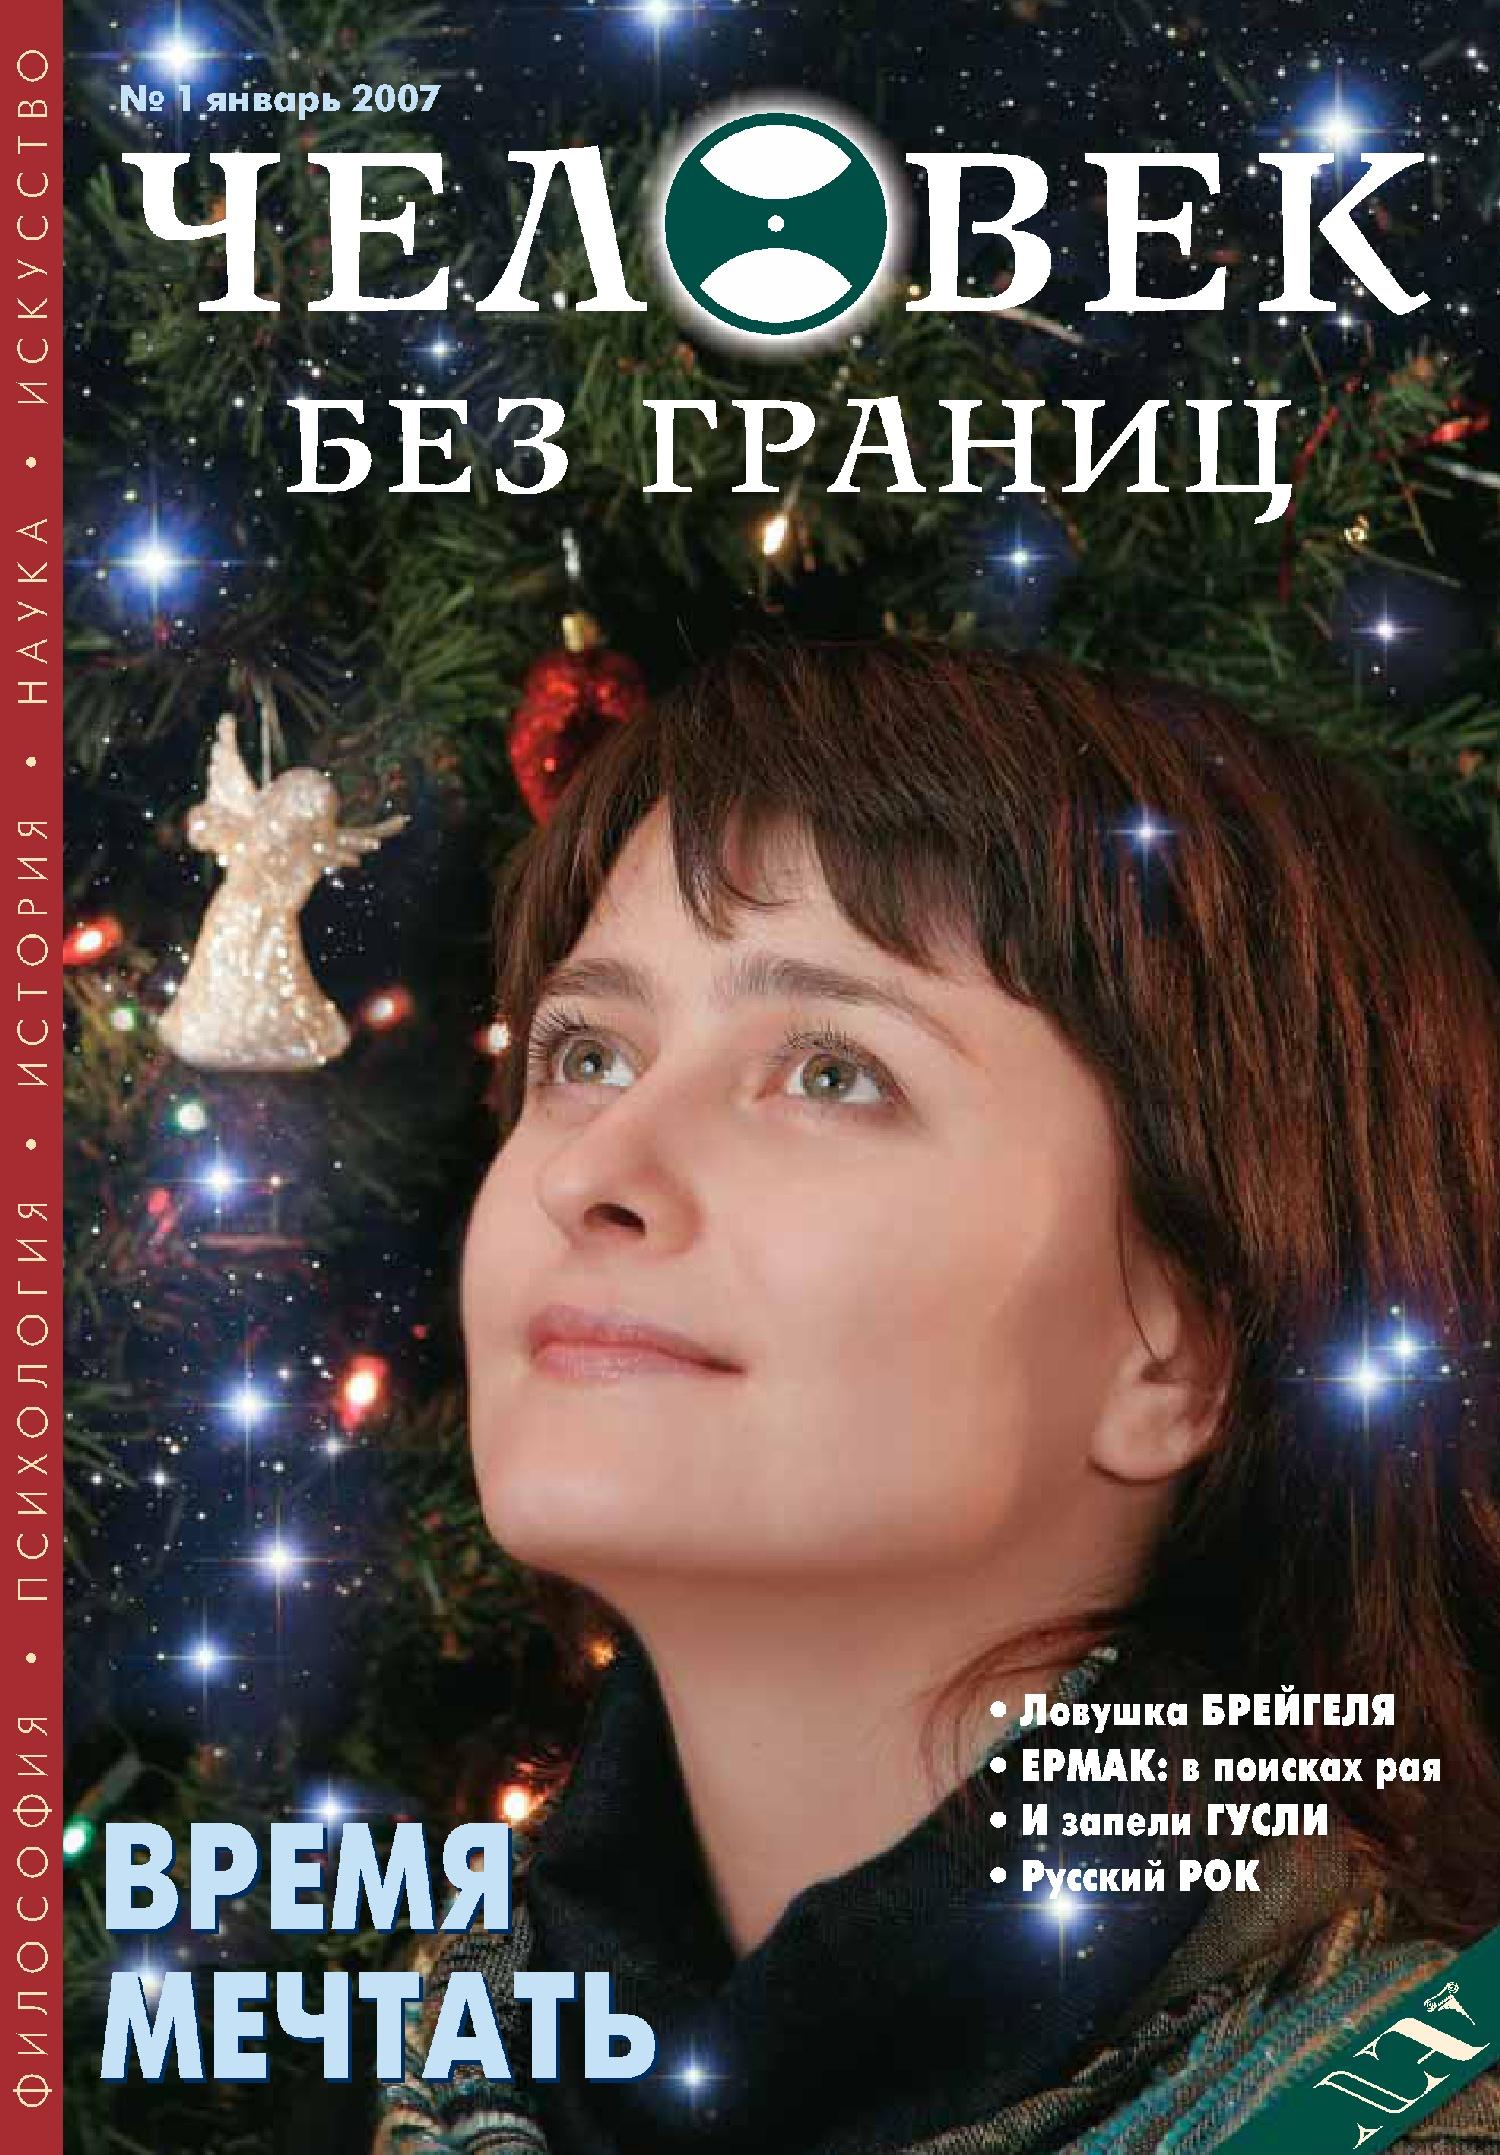 Отсутствует Журнал «Человек без границ» №1 (14) 2007 отсутствует журнал человек без границ 2 15 2007